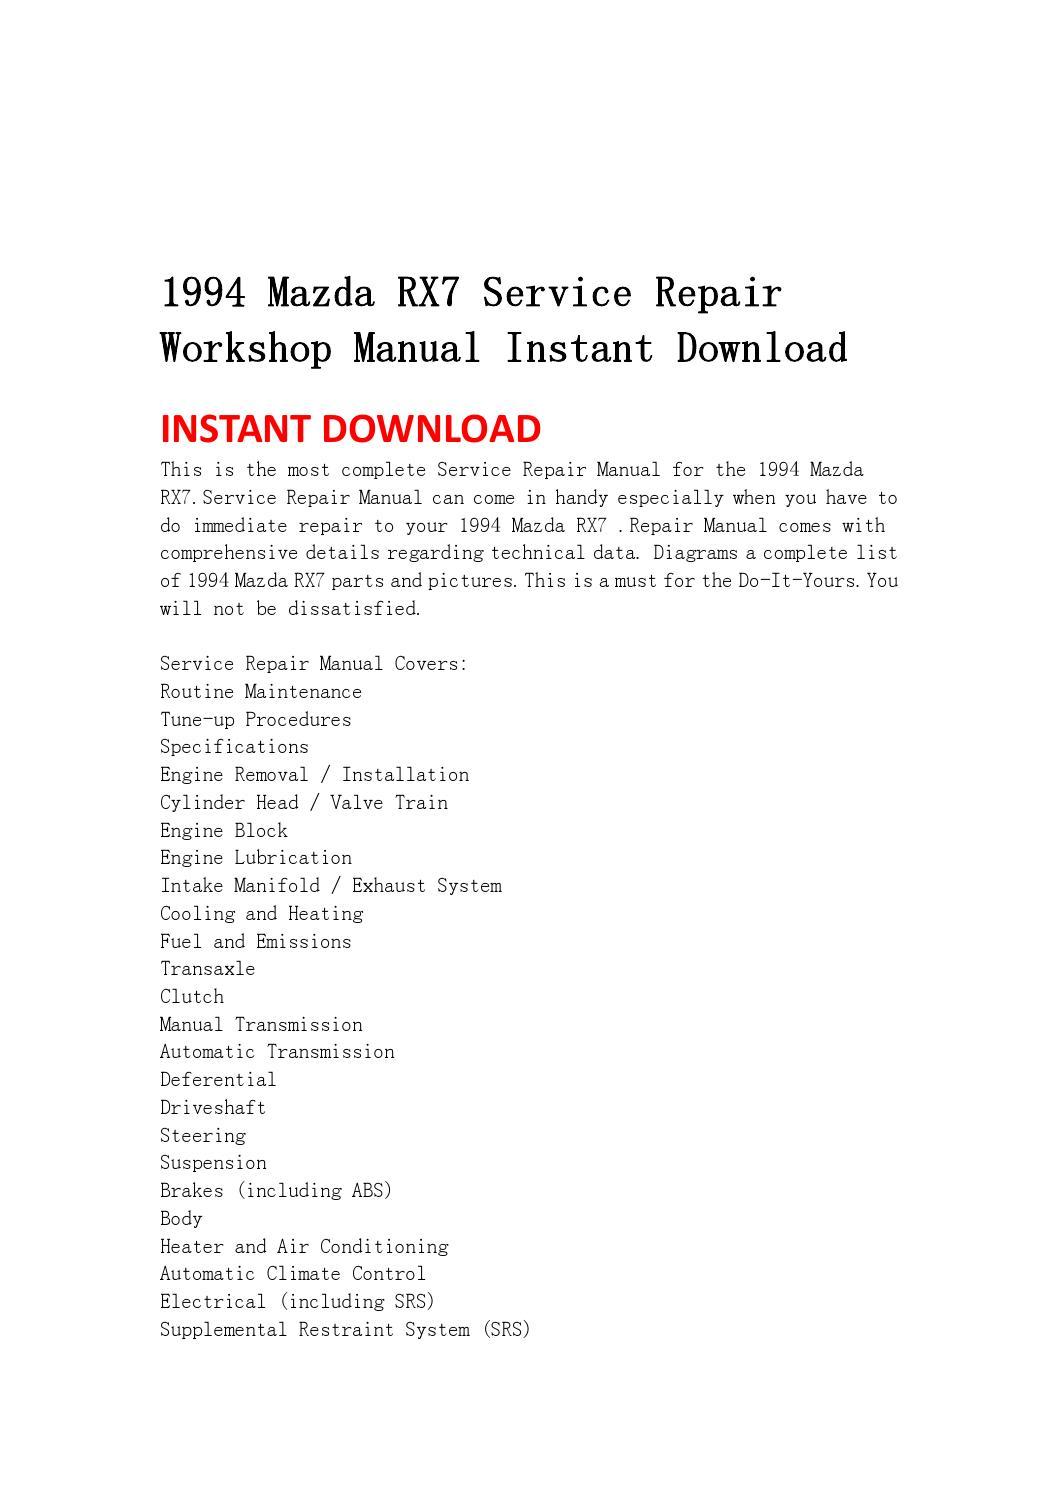 1994 Mazda Rx7 Service Repair Workshop Manual Instant